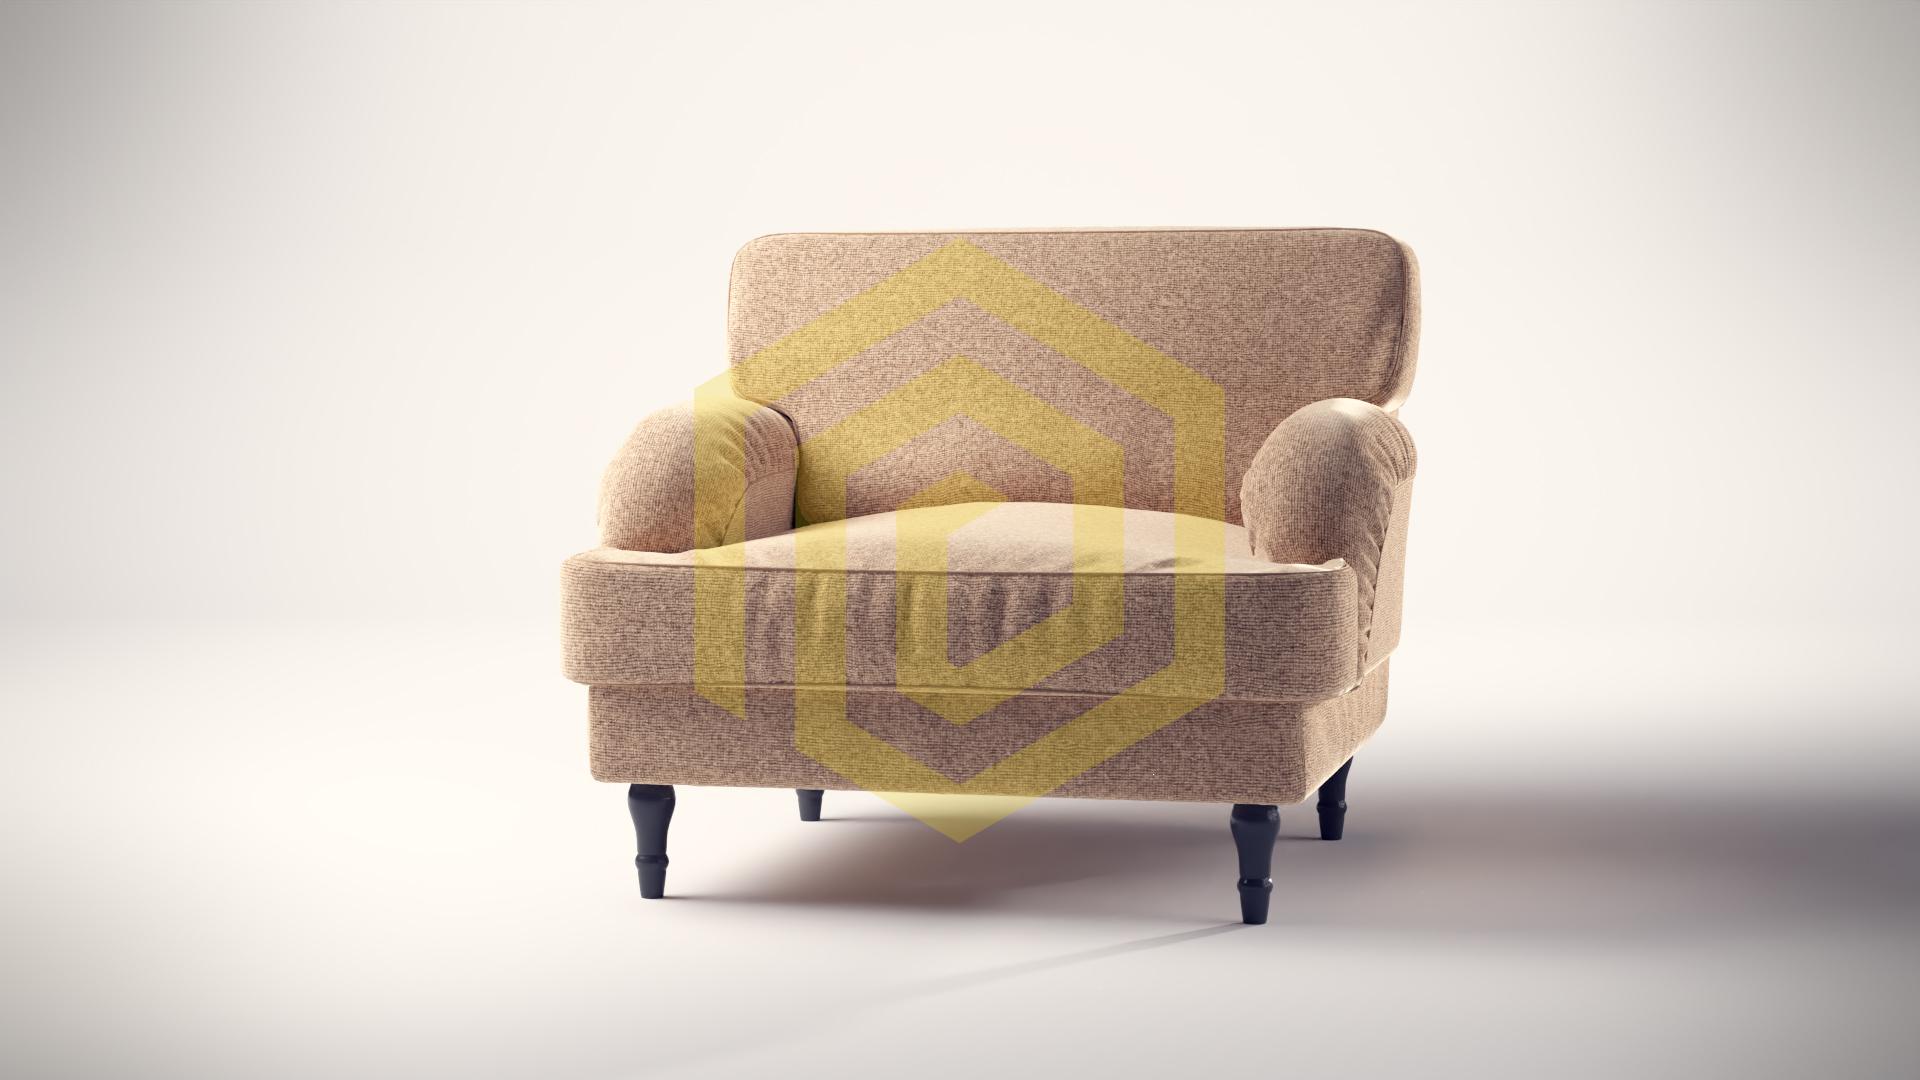 3D Produktvisualisierung mit einem Sessel mit einer, wie man es bei Ikea finden würde, gerendert mit blender Cycles